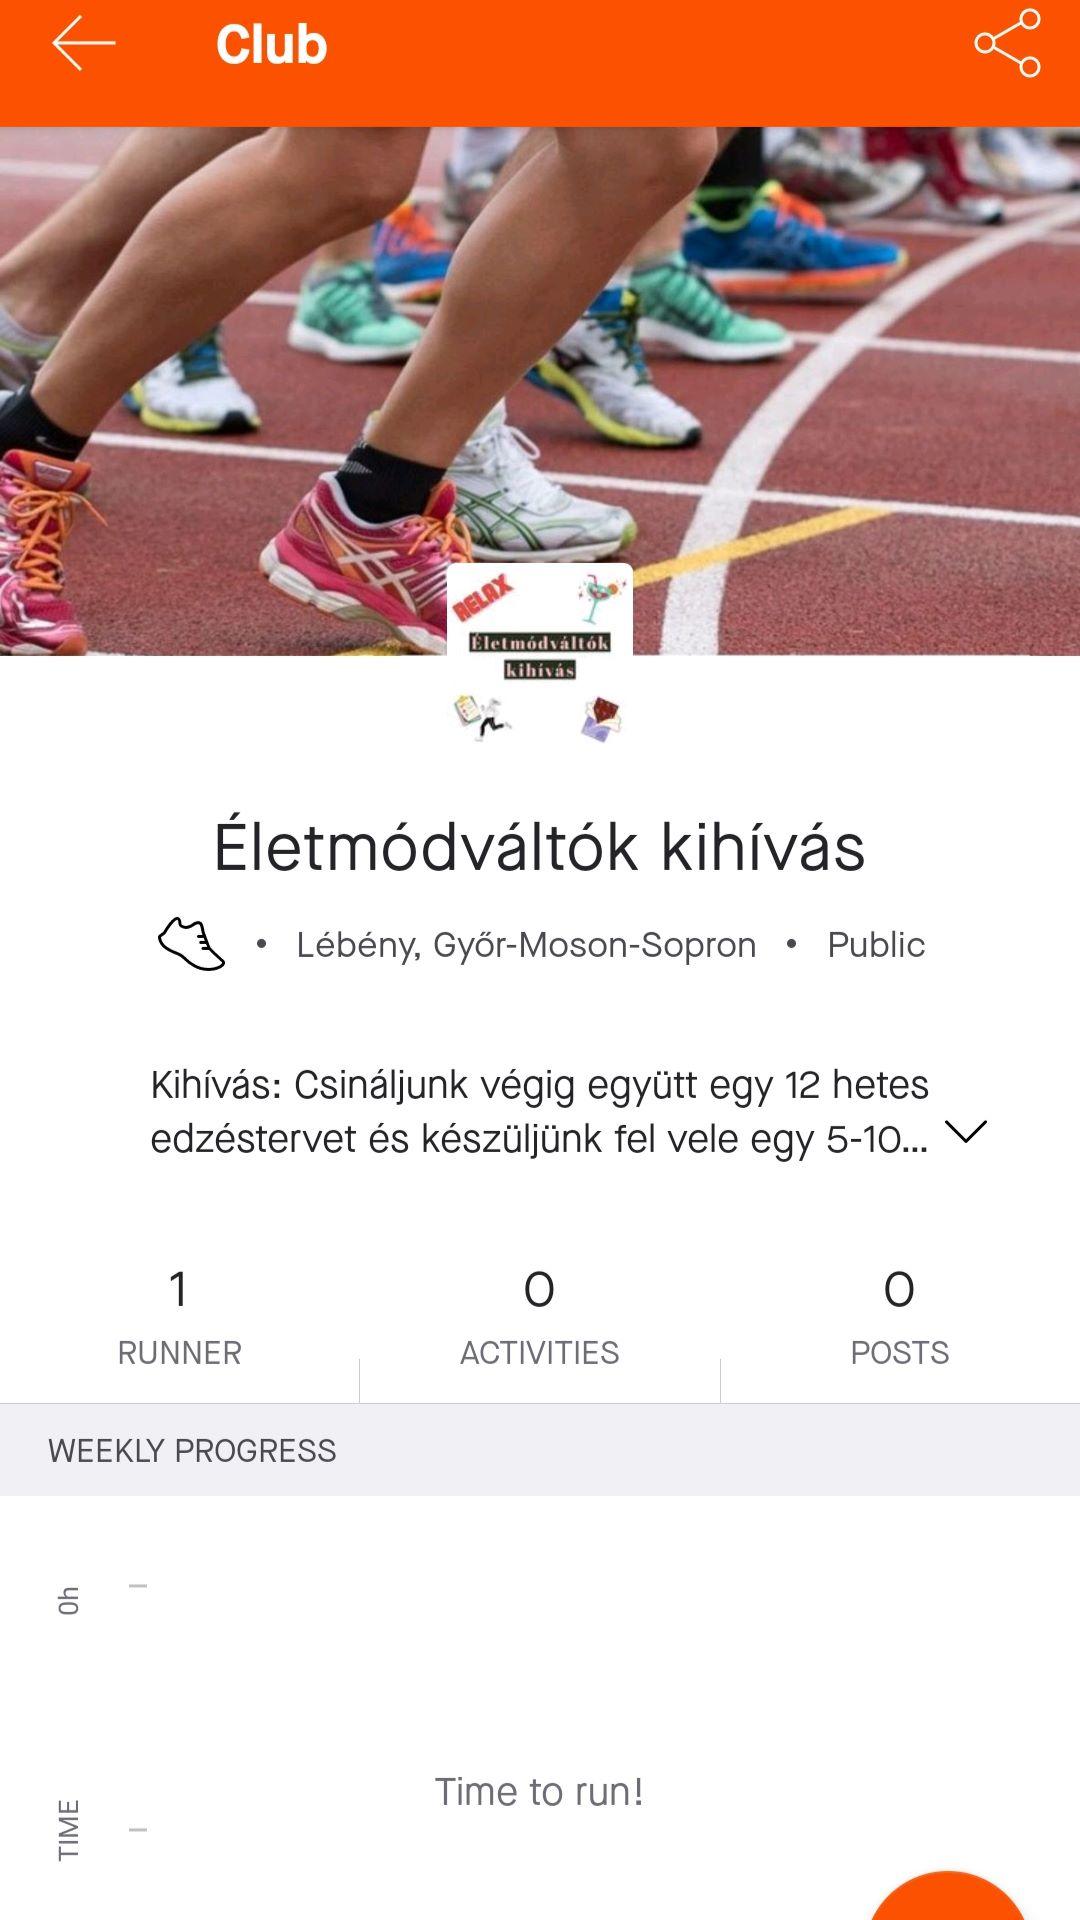 eletmodvaltok_kihivas_strava_csoport.jpg